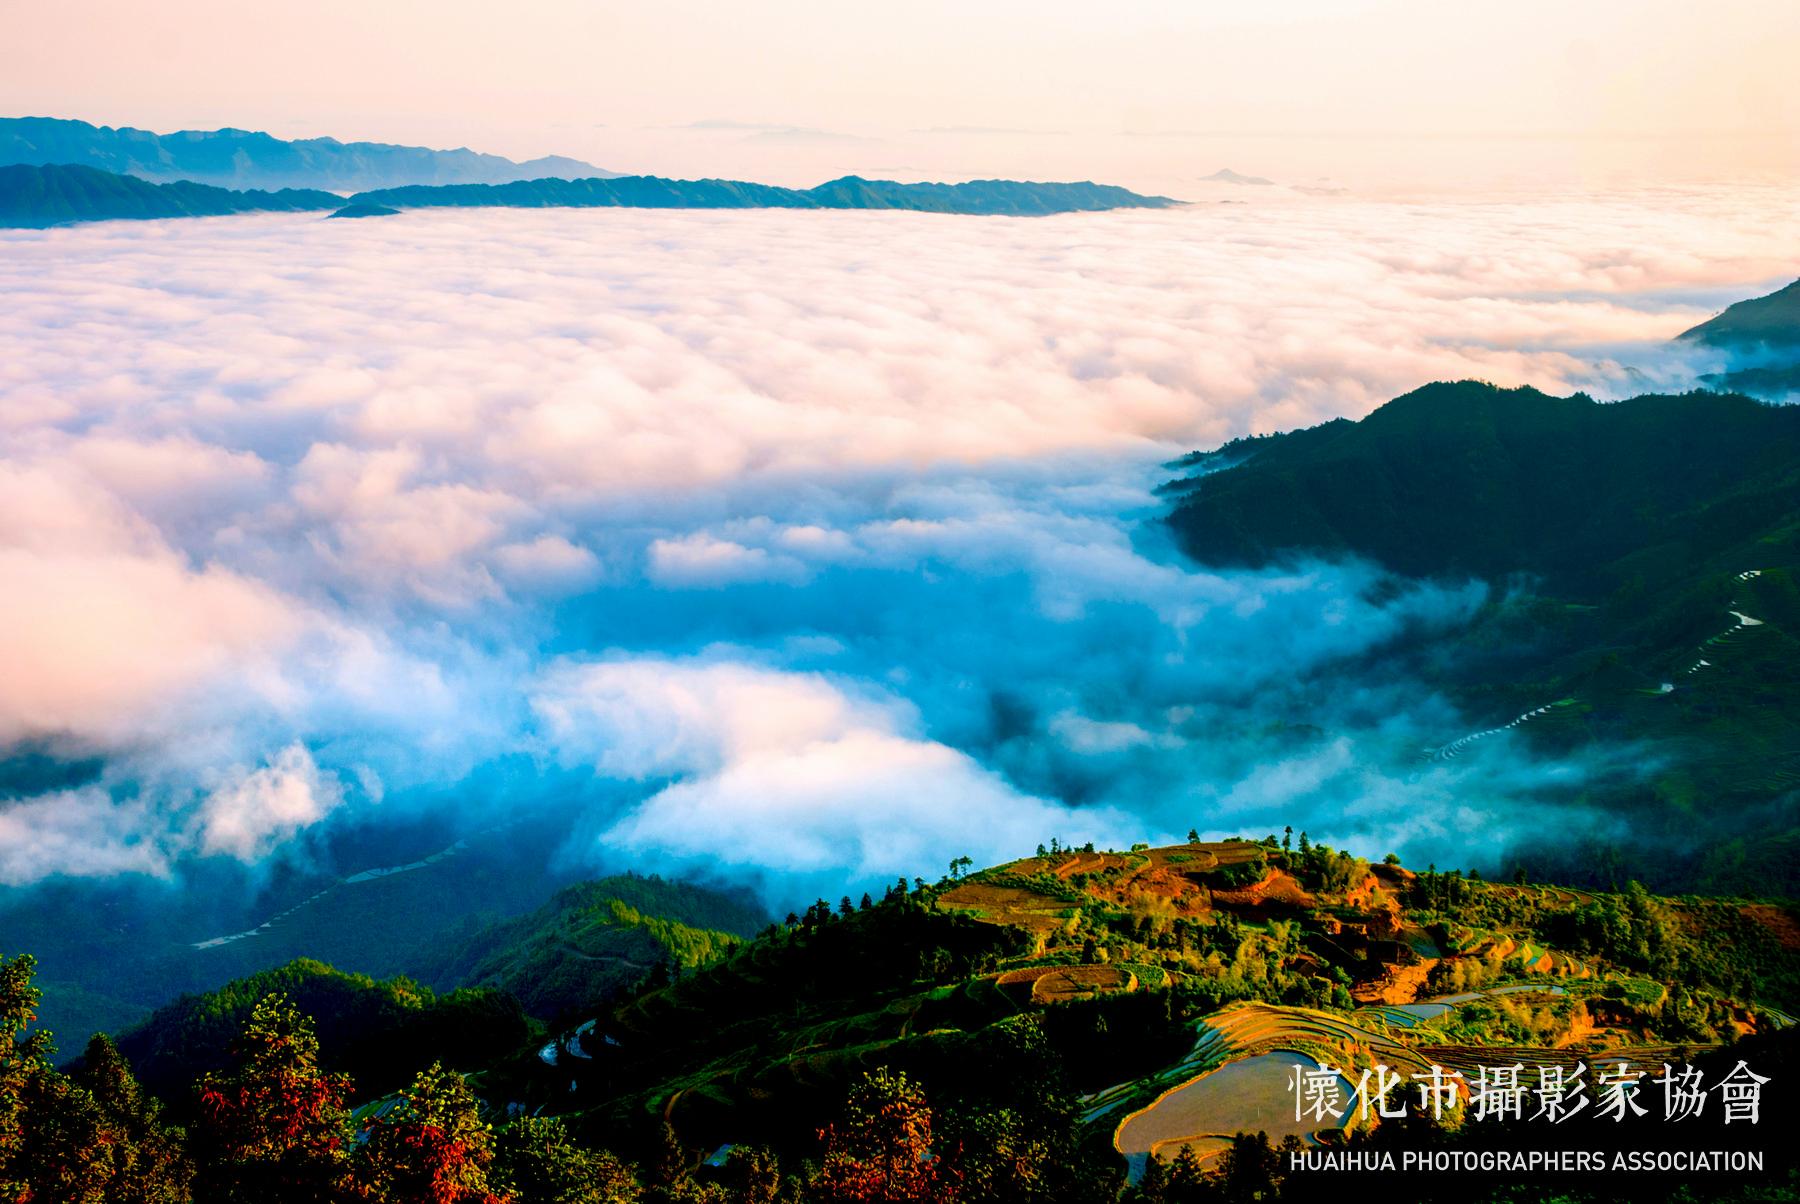 云端梯田摄影:雷文录135489903